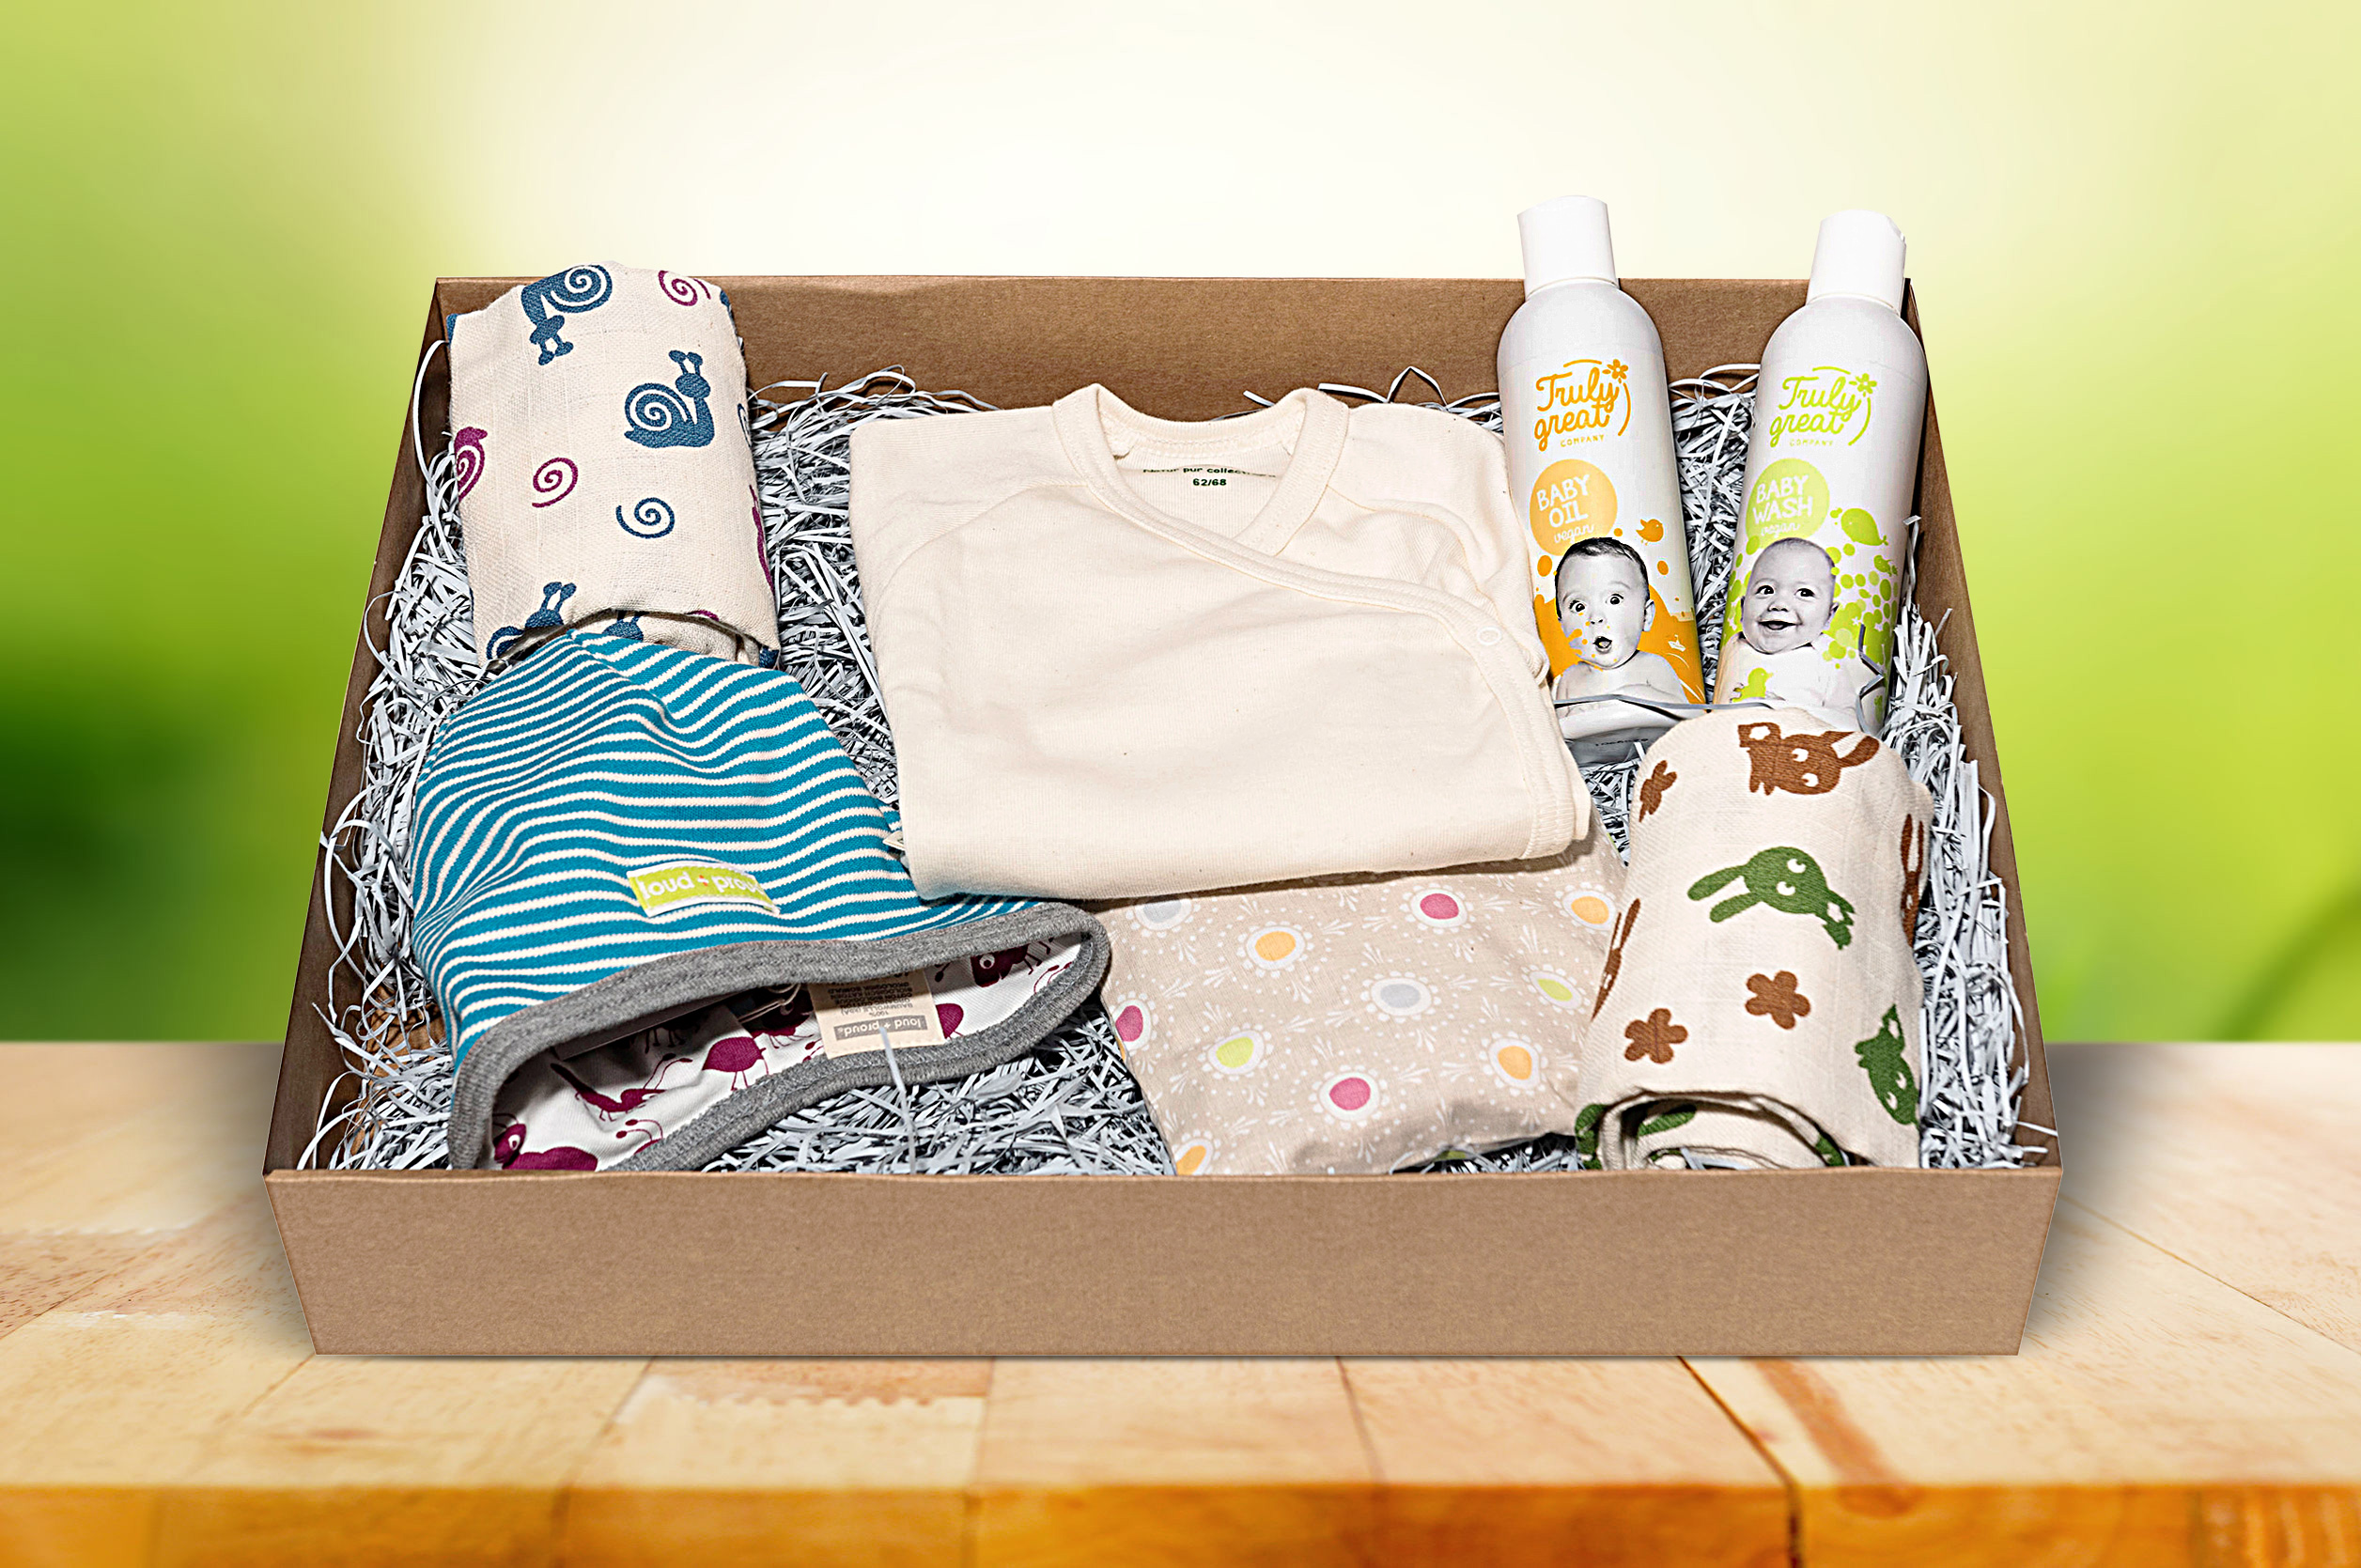 Hello World - Medium Box Babygeschenk